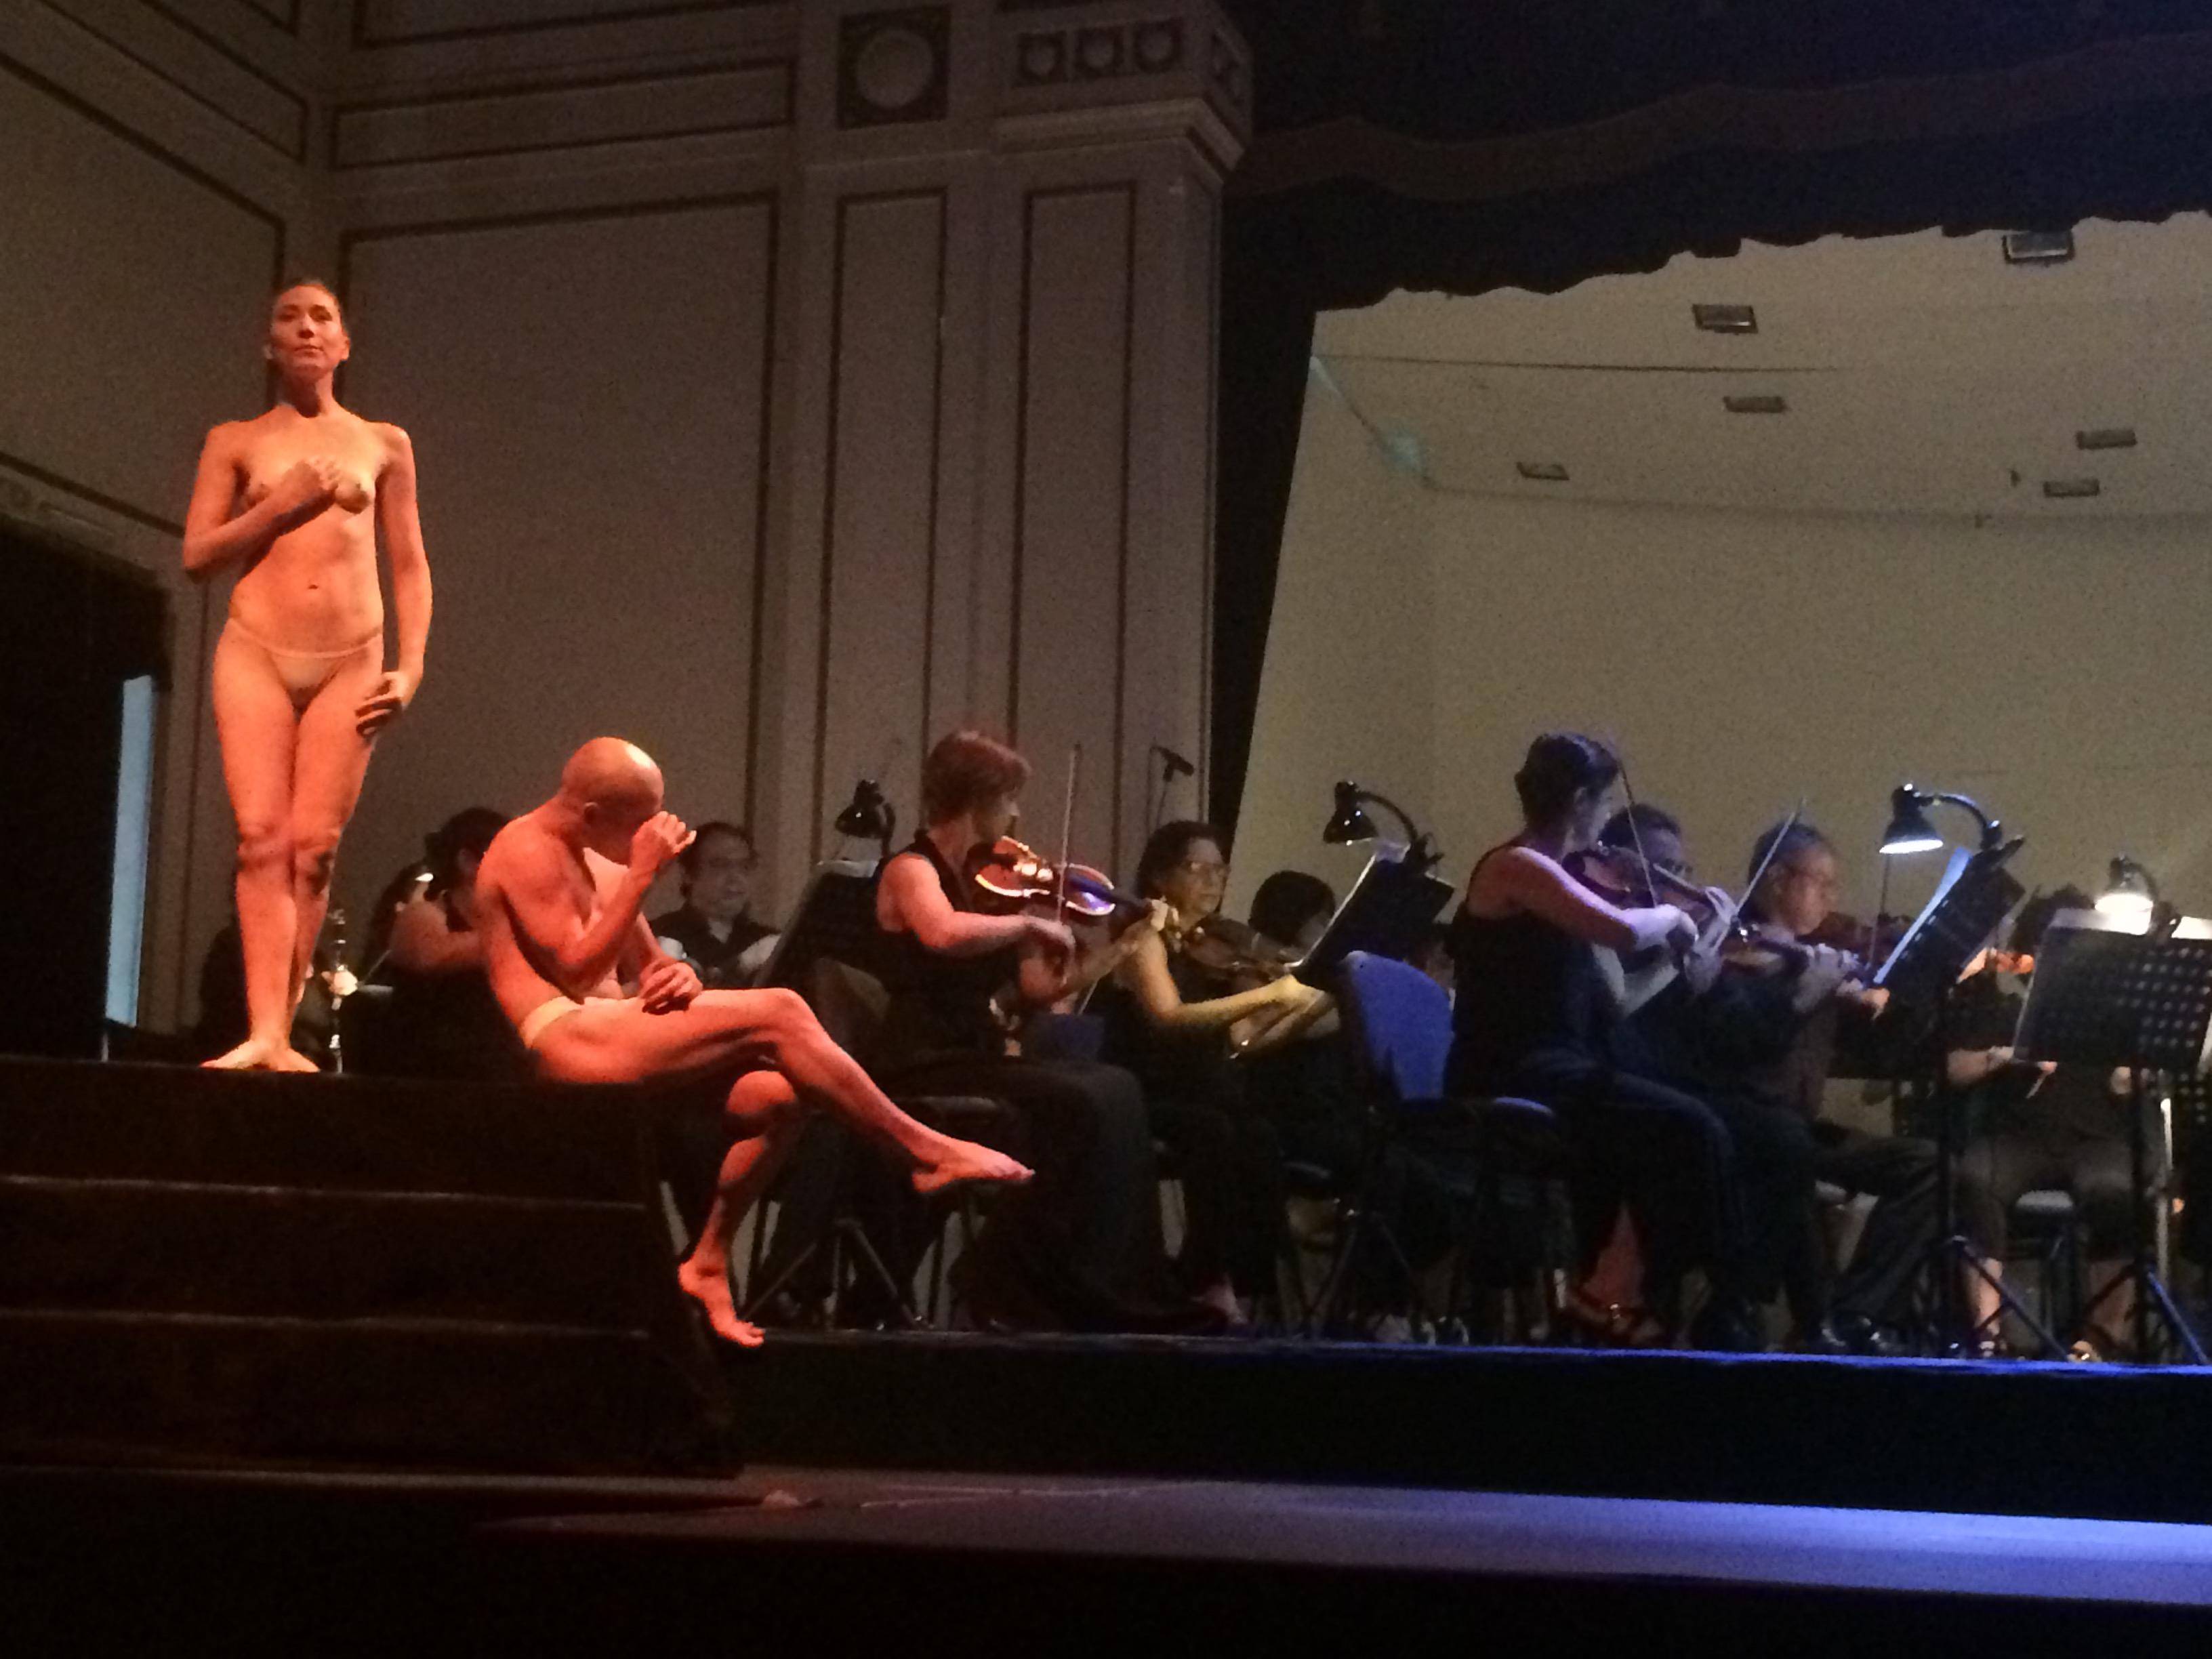 Otro momento del primer acto Euridice y Orfeo, cuando supuetamente él la busca desolado. foto Pablo González